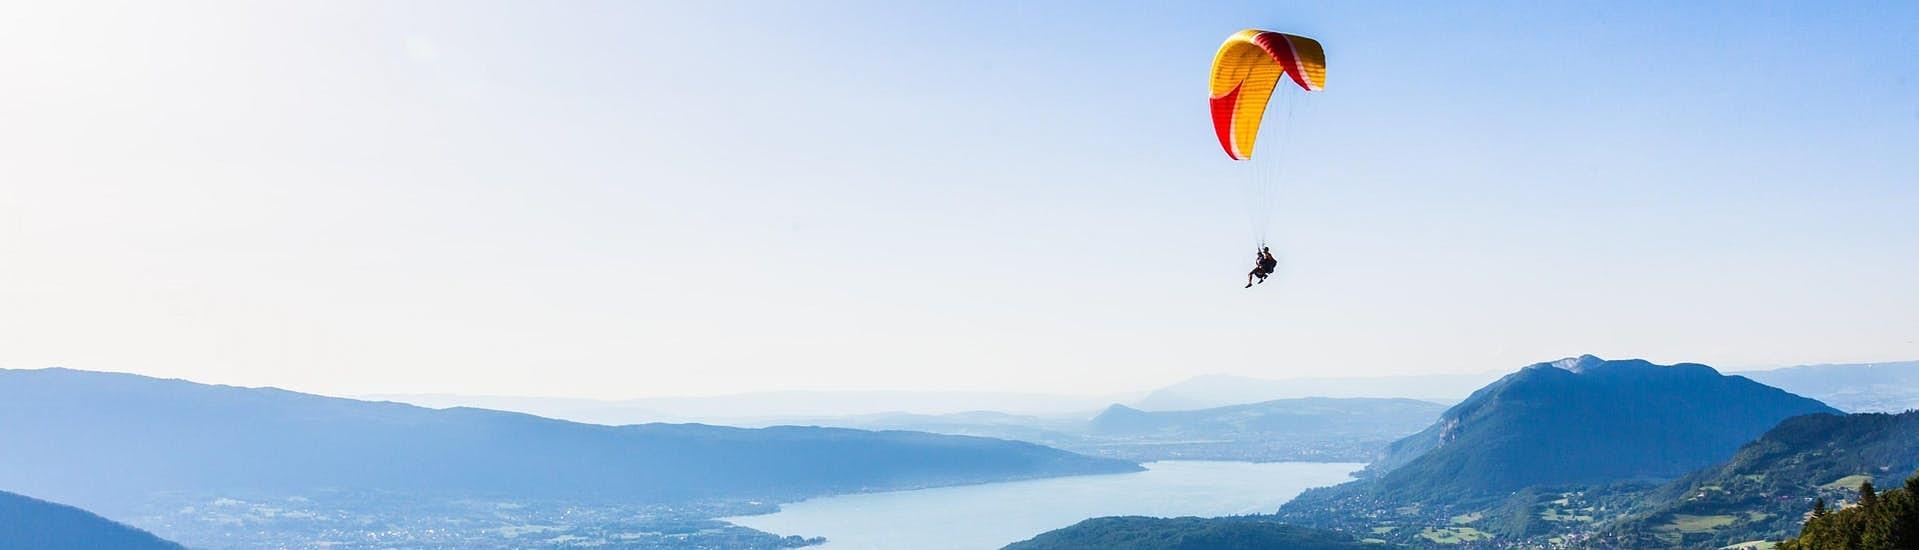 Ein Tandem-Paragleiter fliegt über den türkisblauen See von Annecy.